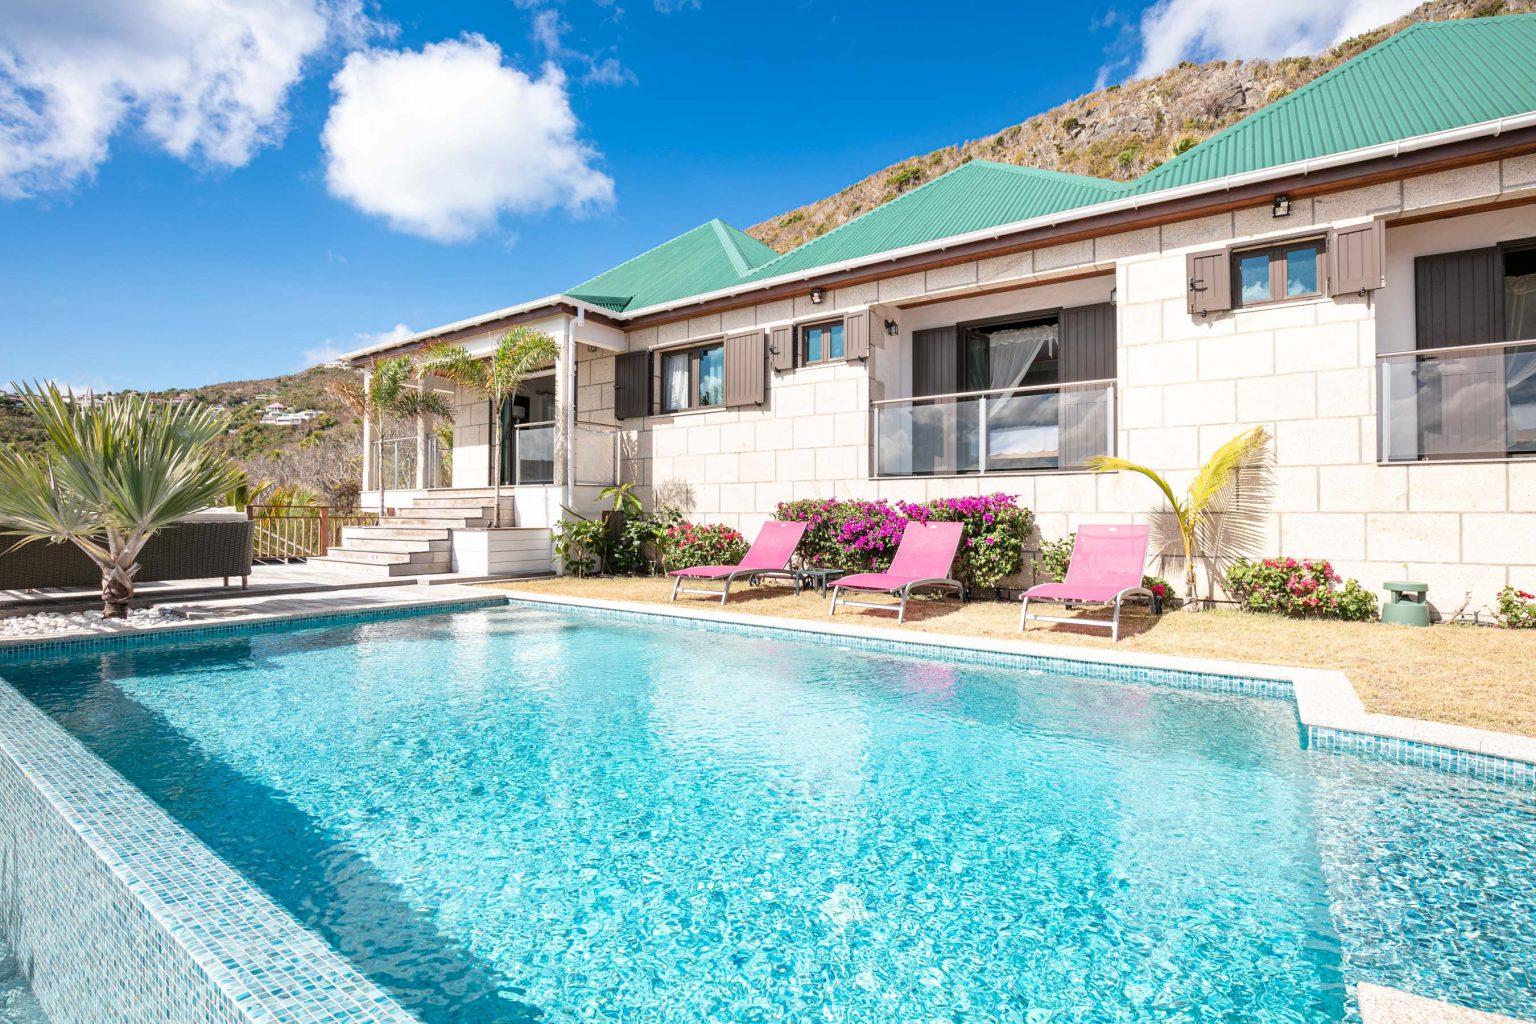 Villa Estrela - Flamands Villa Rental St Barth Sea view - Outside view